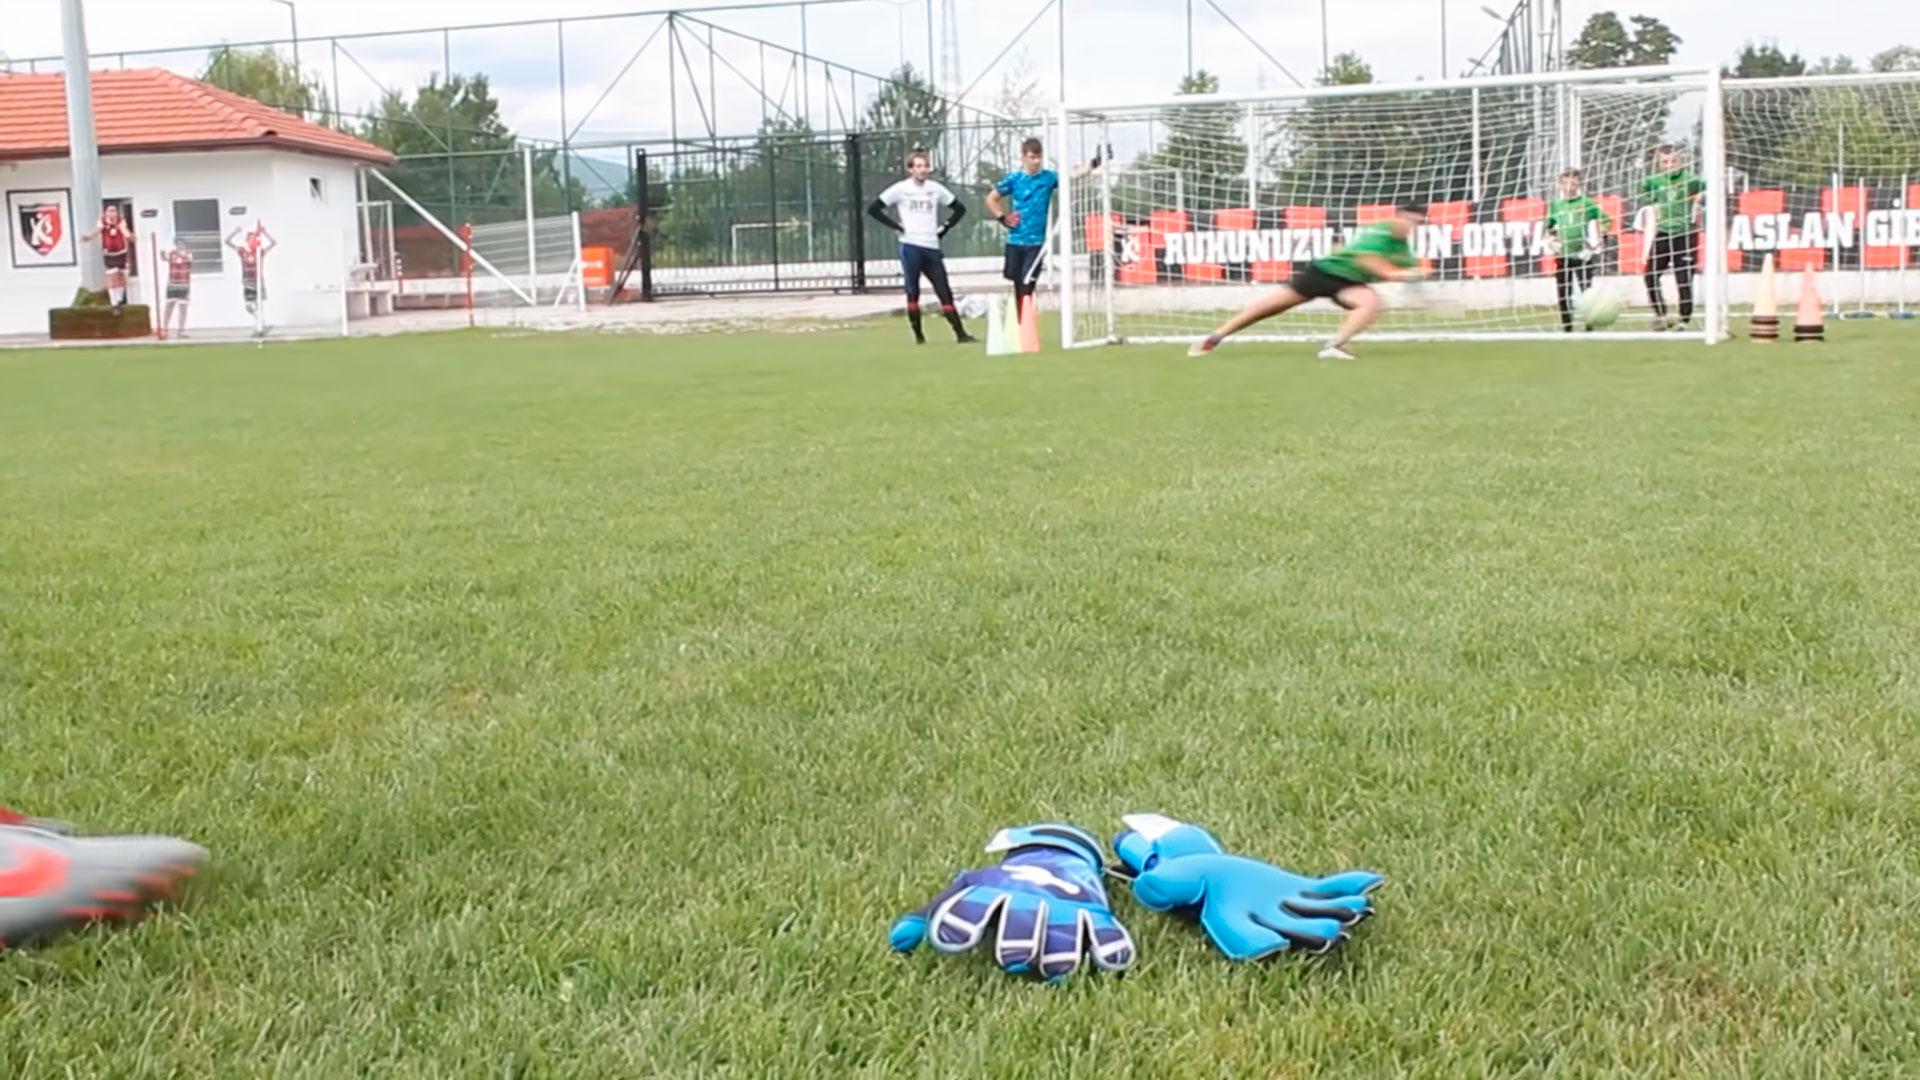 Goalkeeper gloves Brave GK Catalist-official online store Brave GK